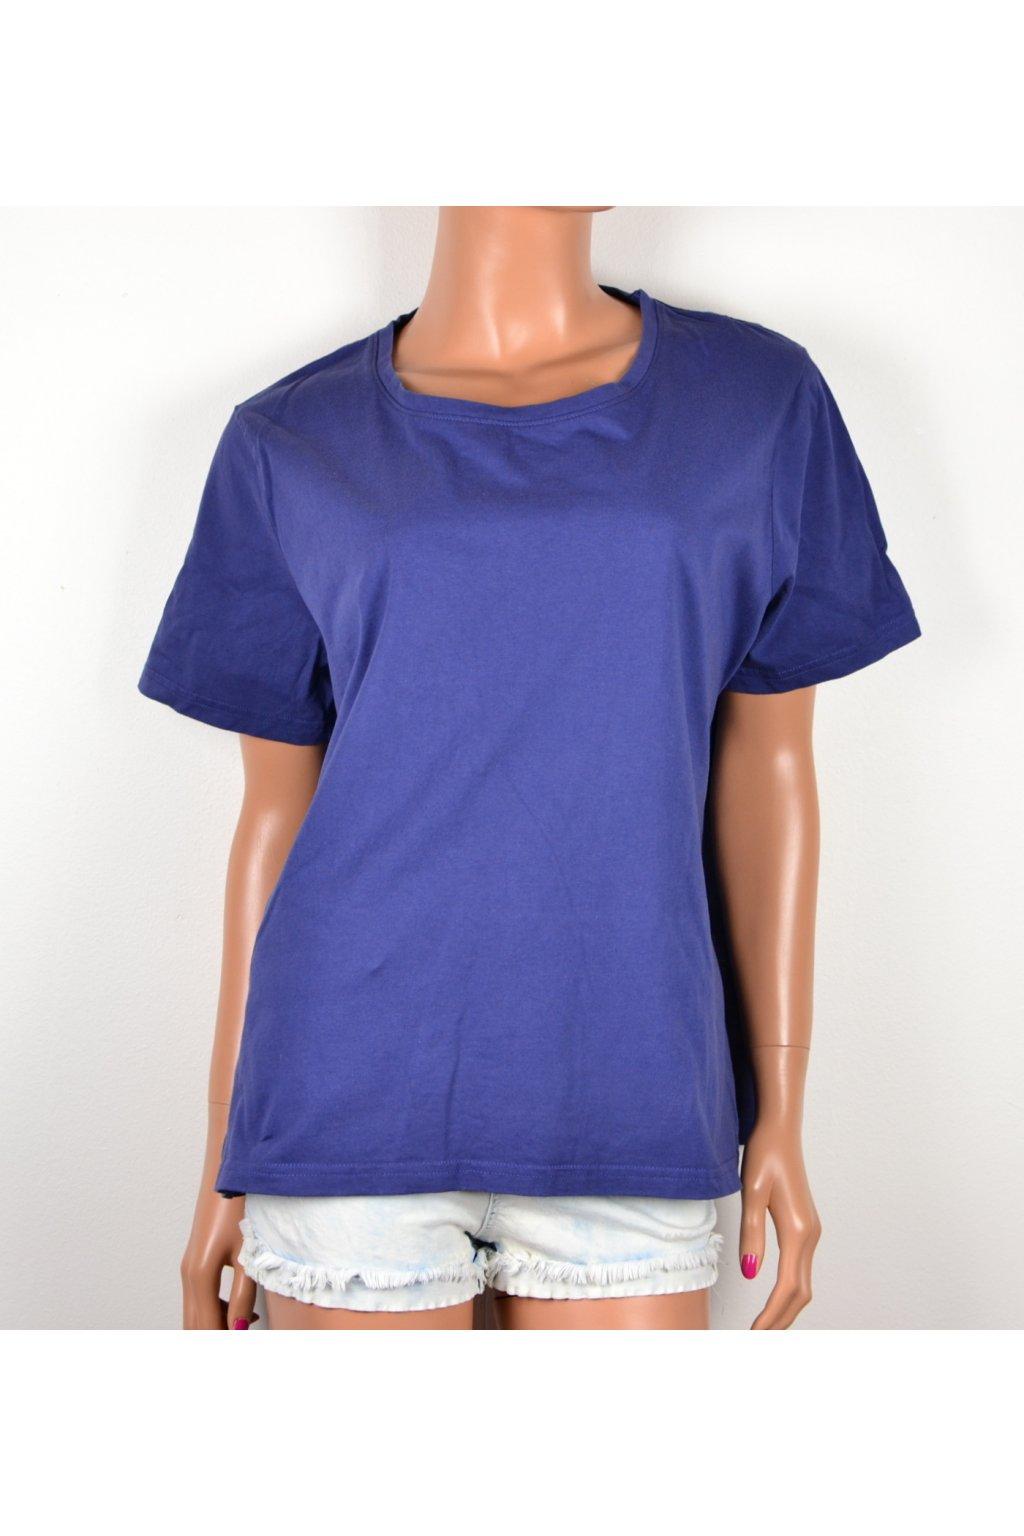 Tričko Damart UK18/46-48/L-XL